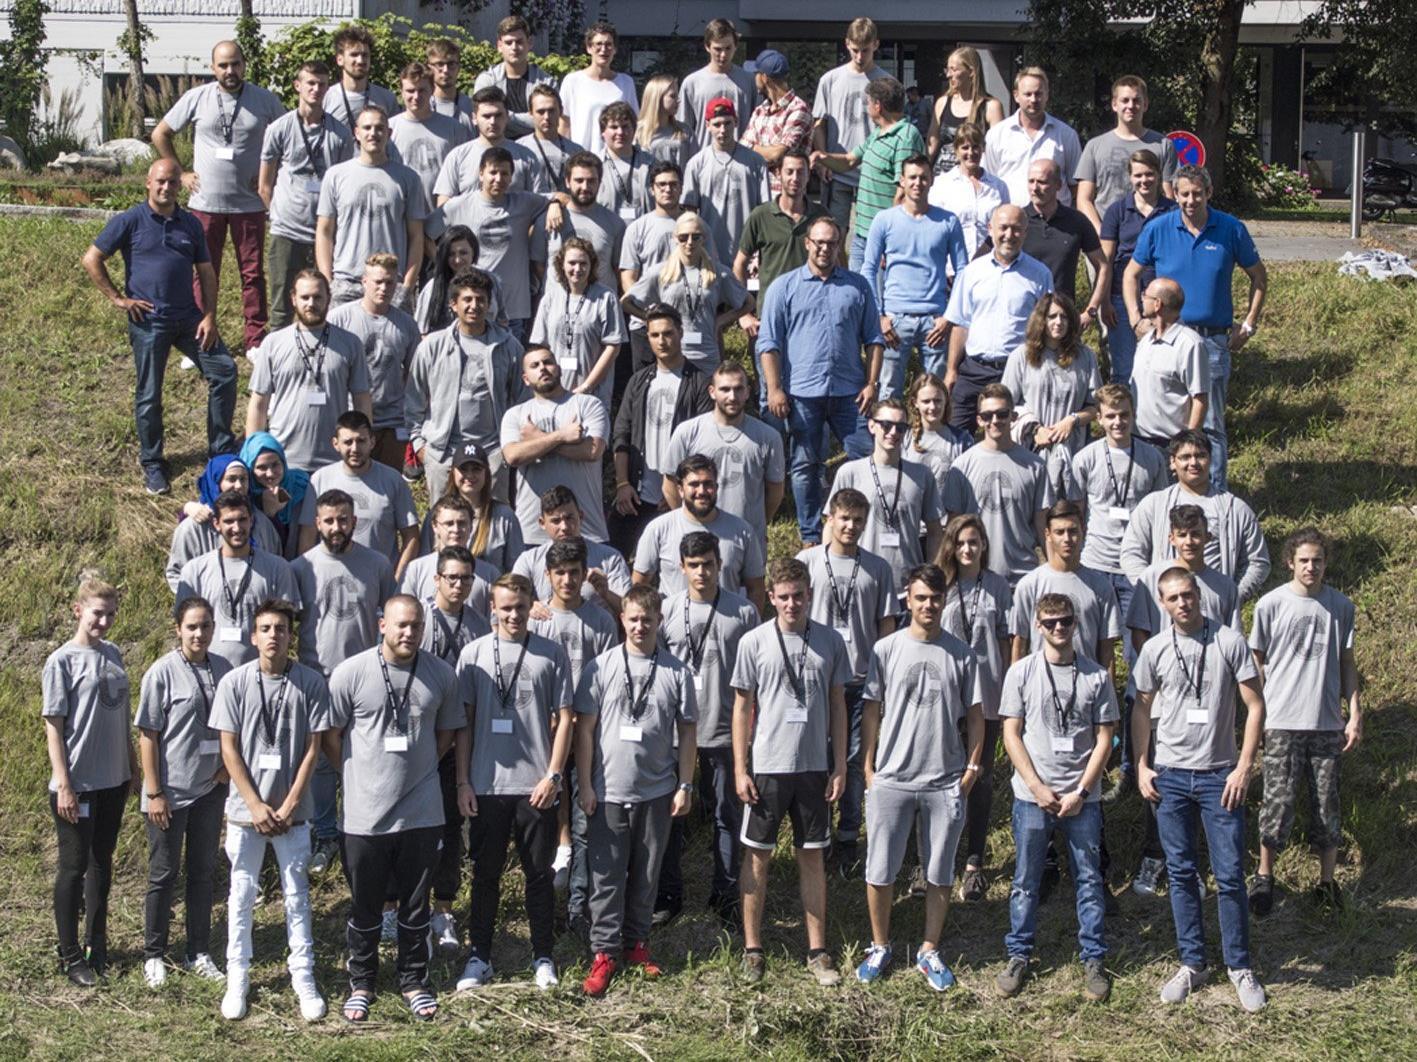 Derzeit werden 82 Lehrlinge in 13 Collini-Unternehmensstandorten ausgebildet.